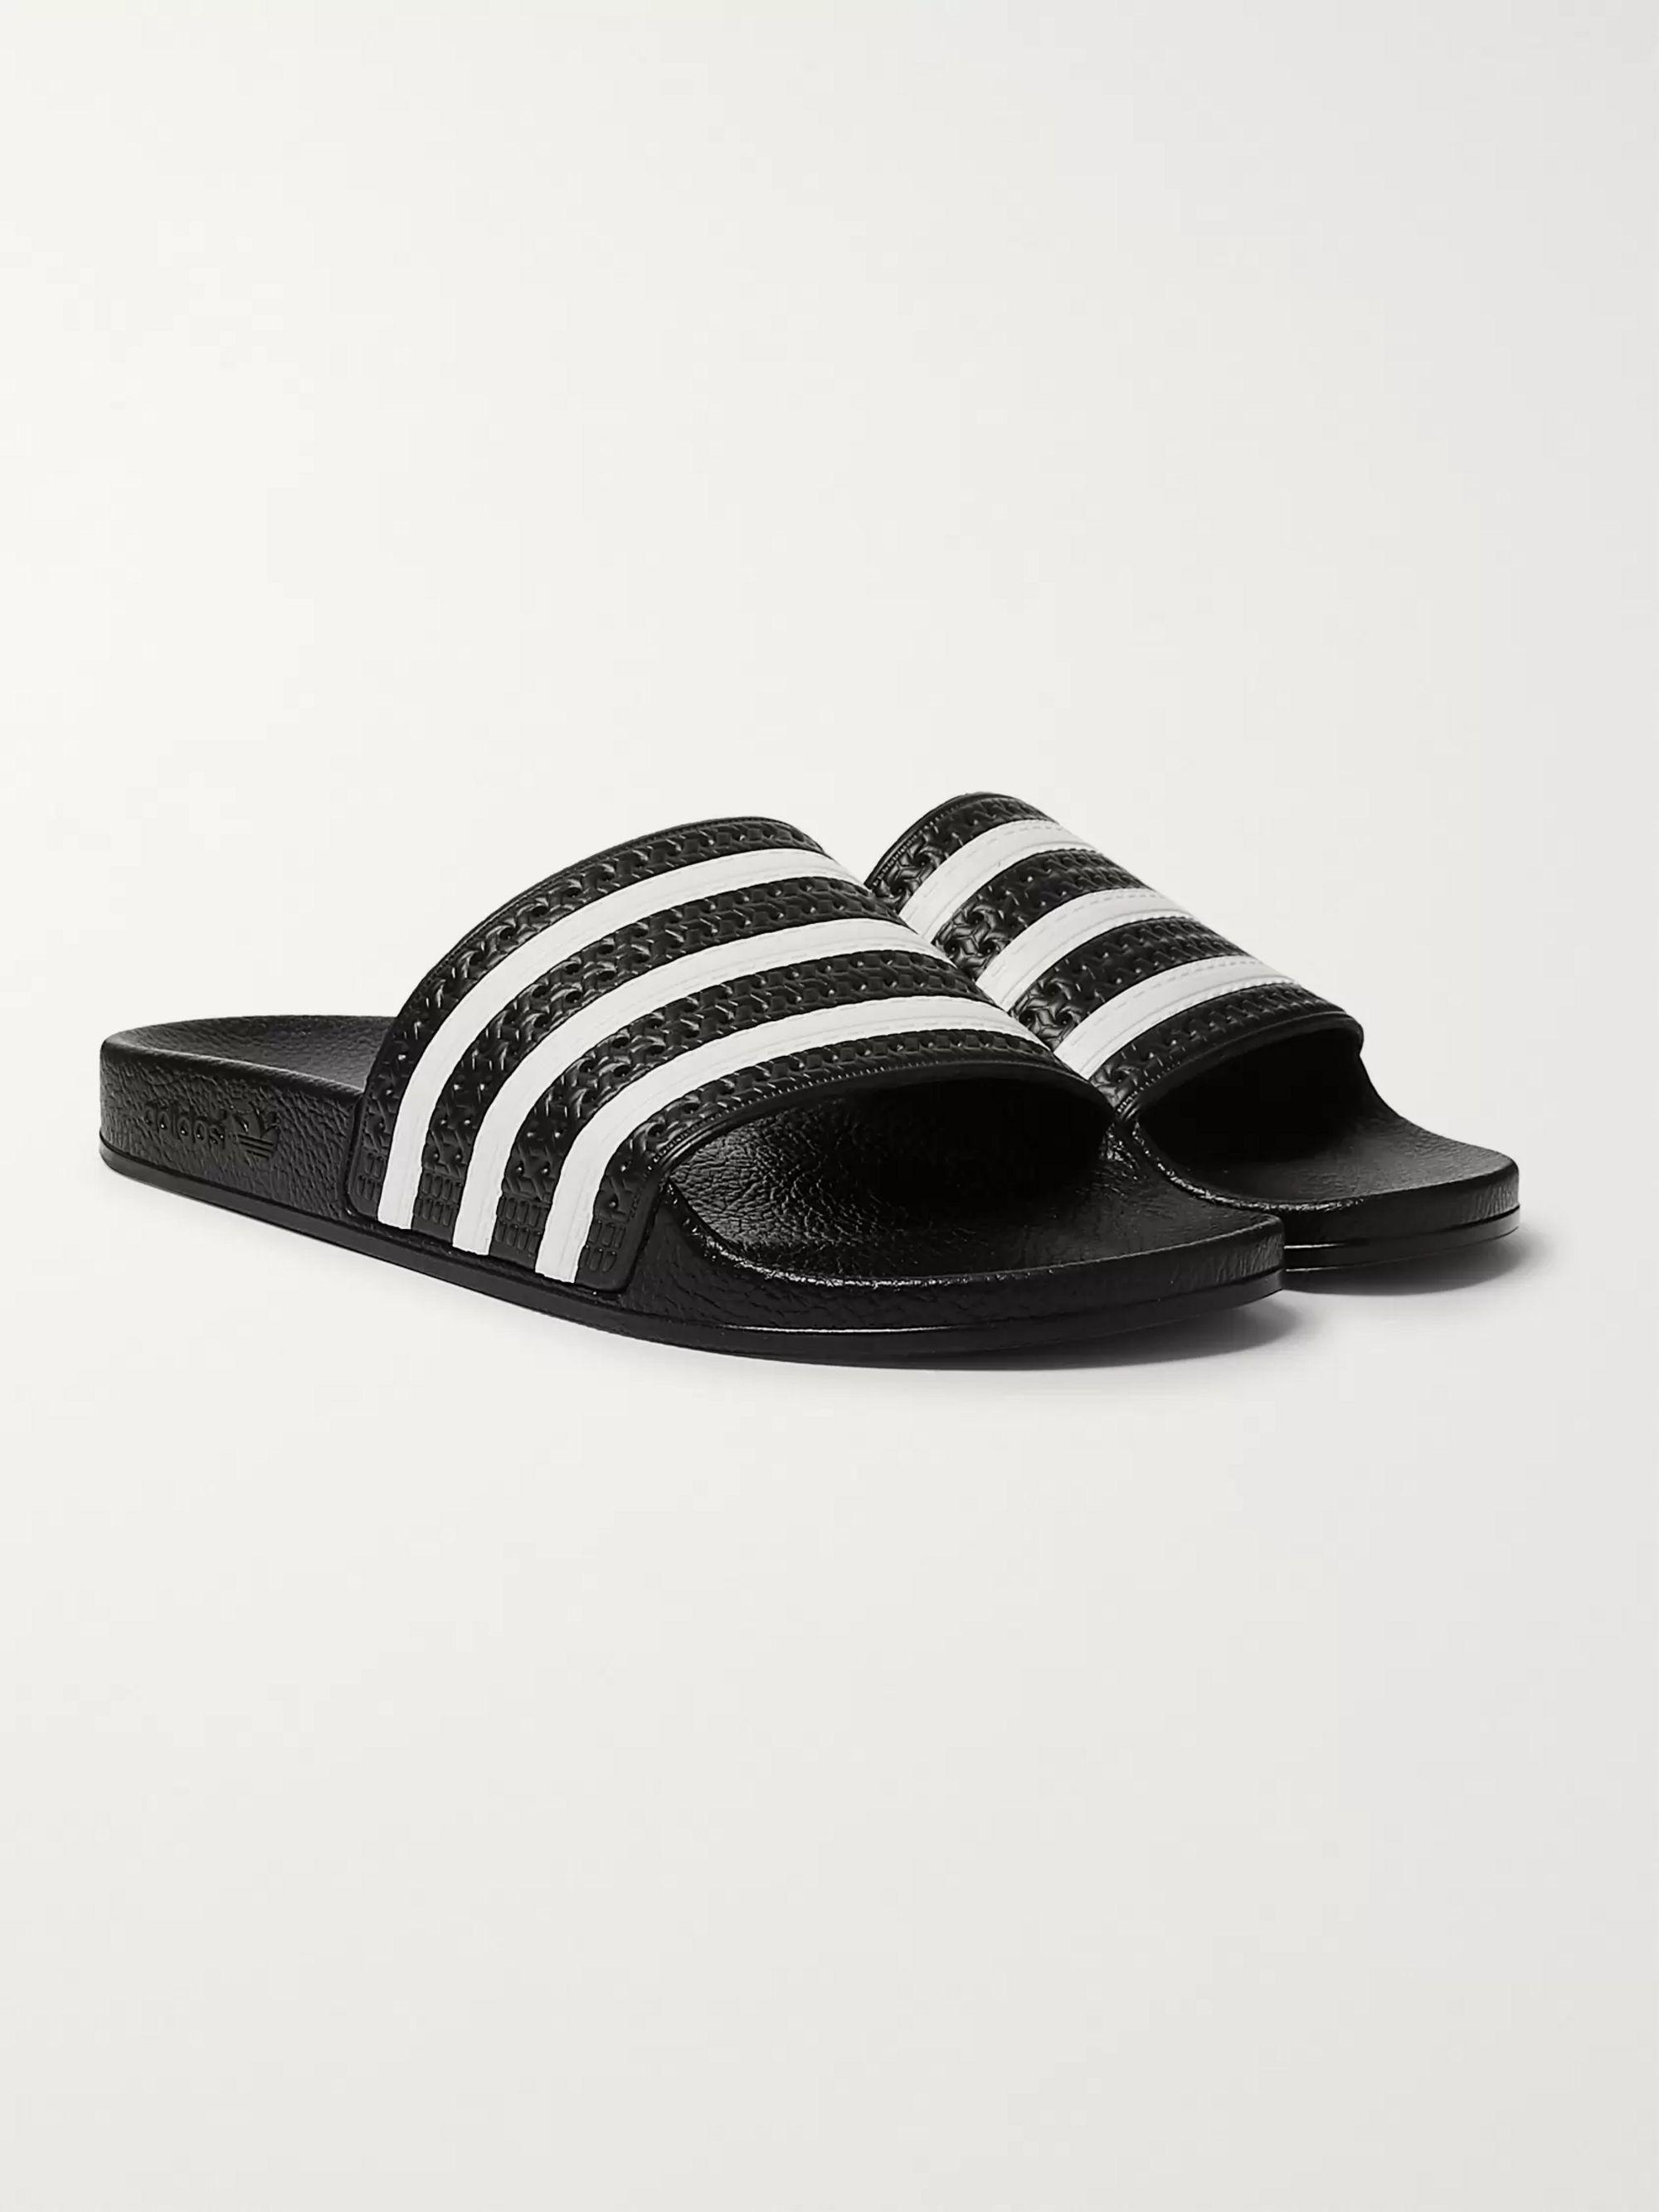 Adilette Textured Rubber Slides